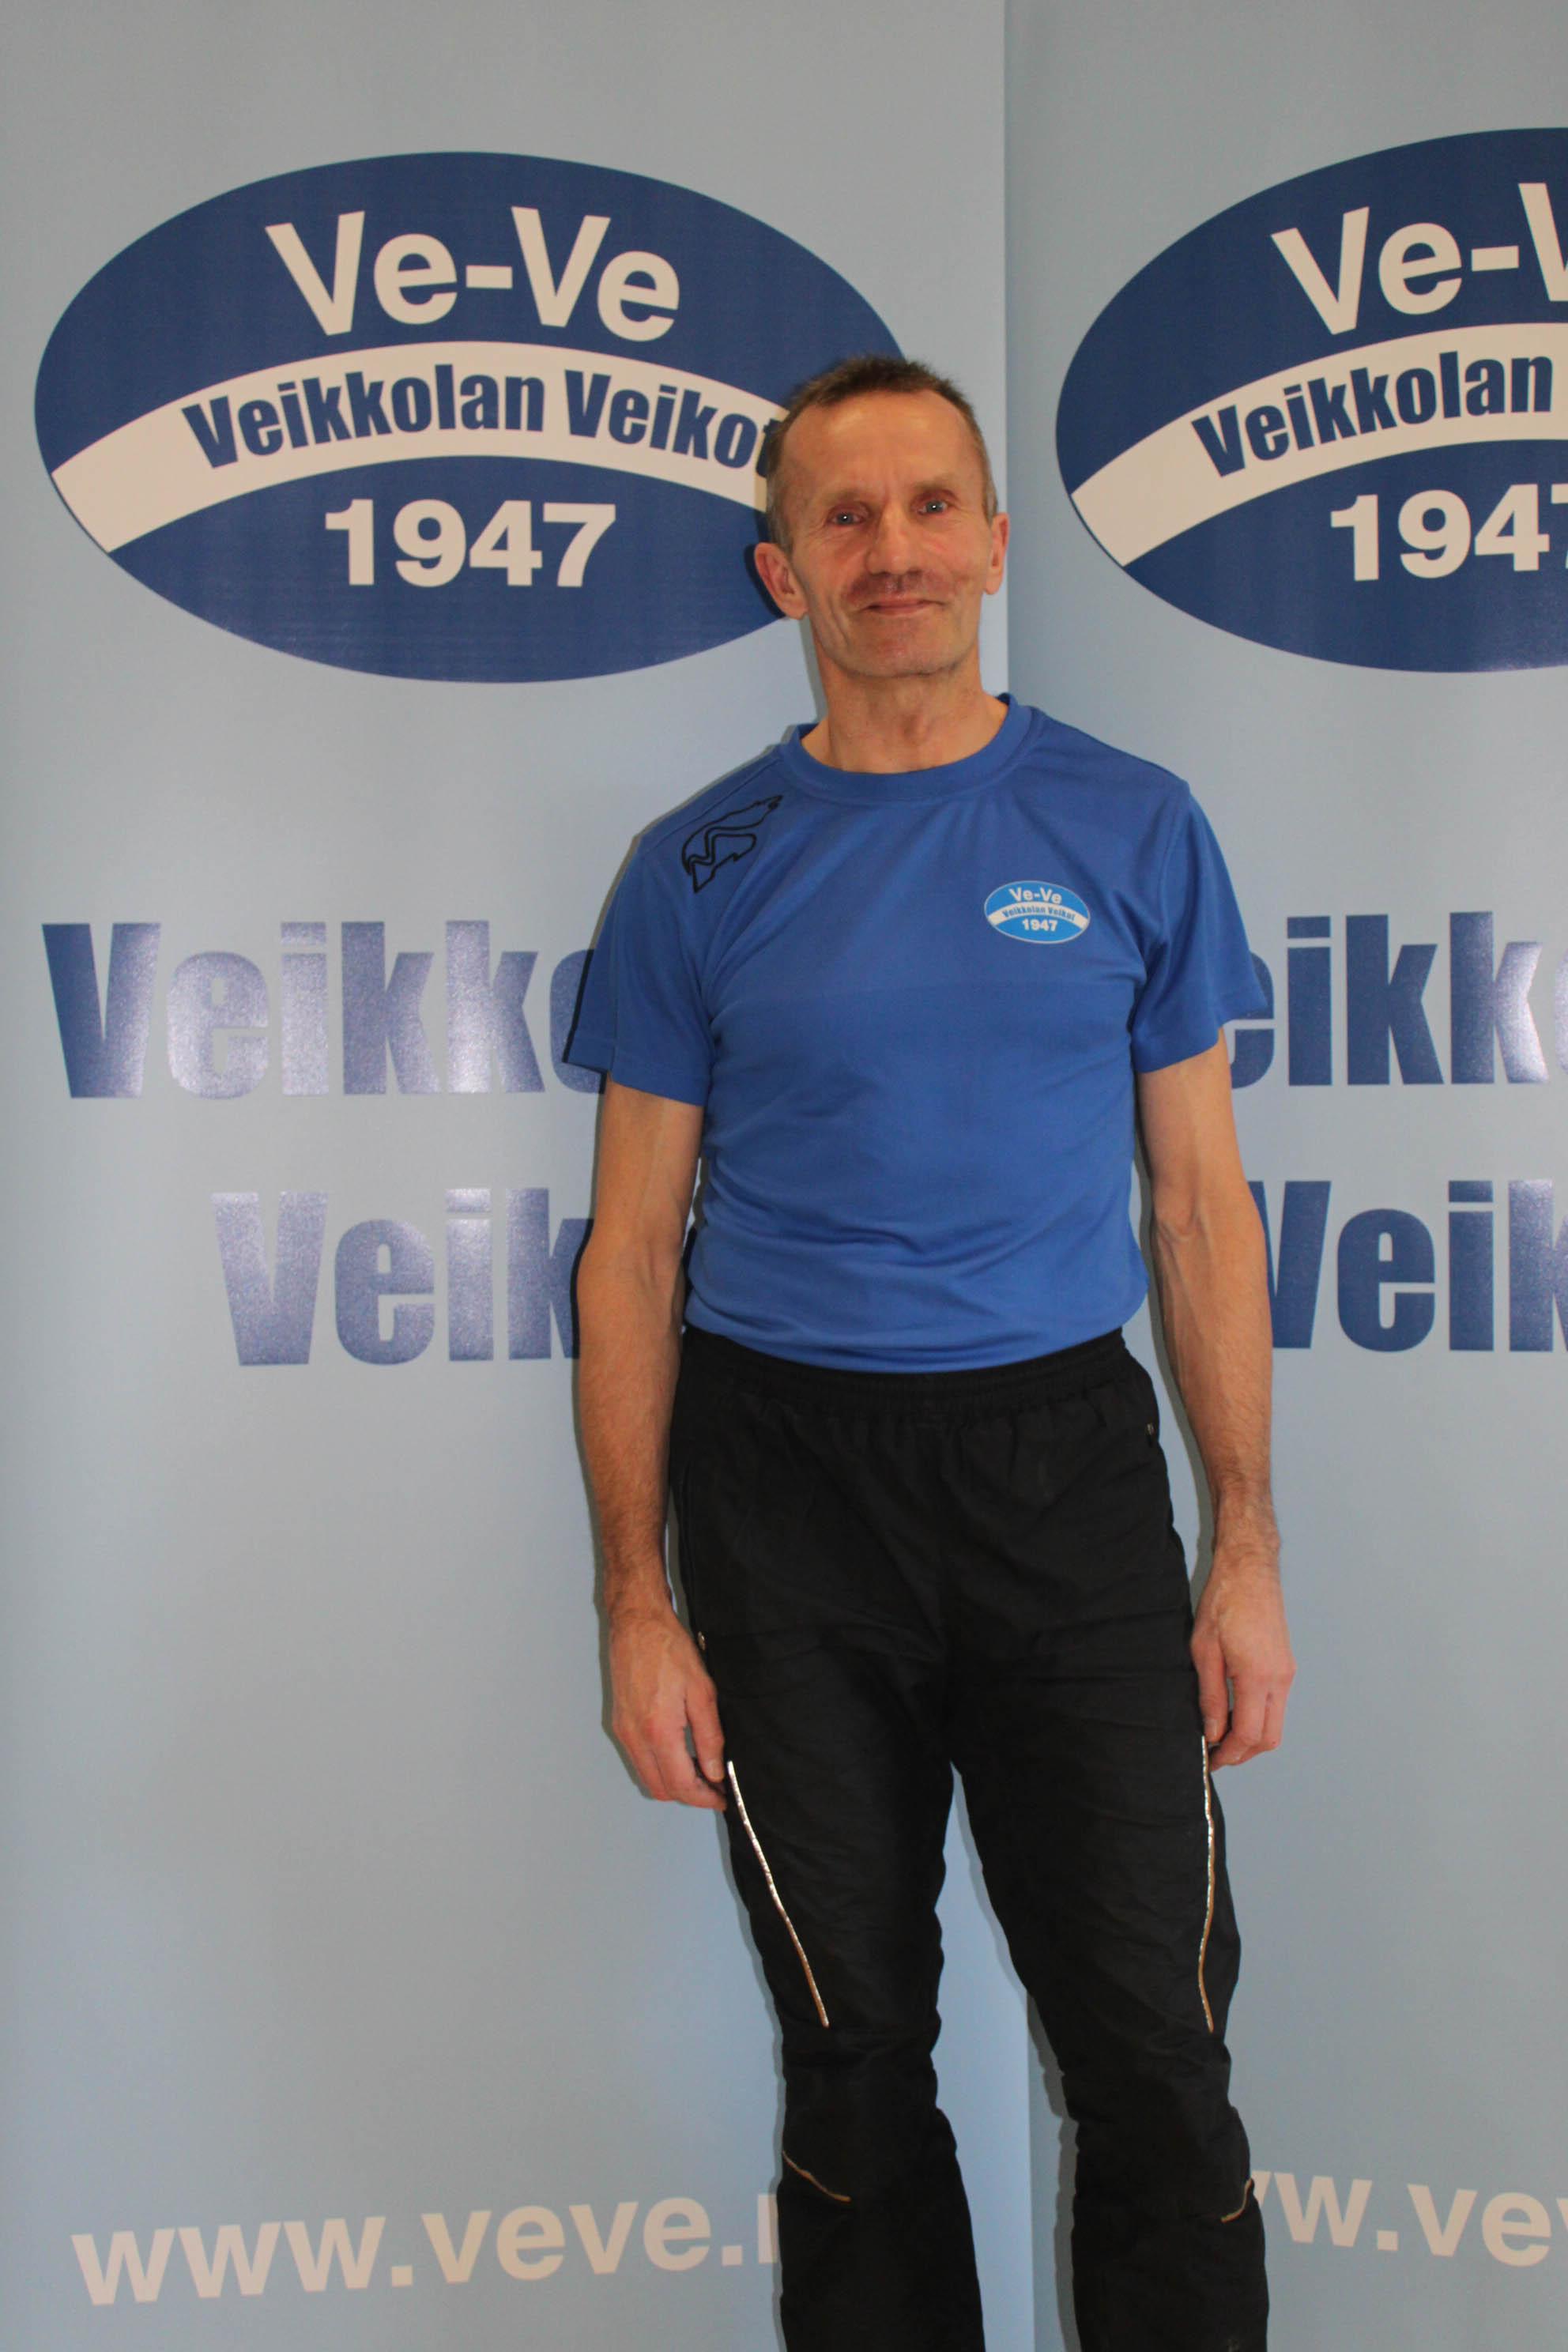 Björn Stenvik